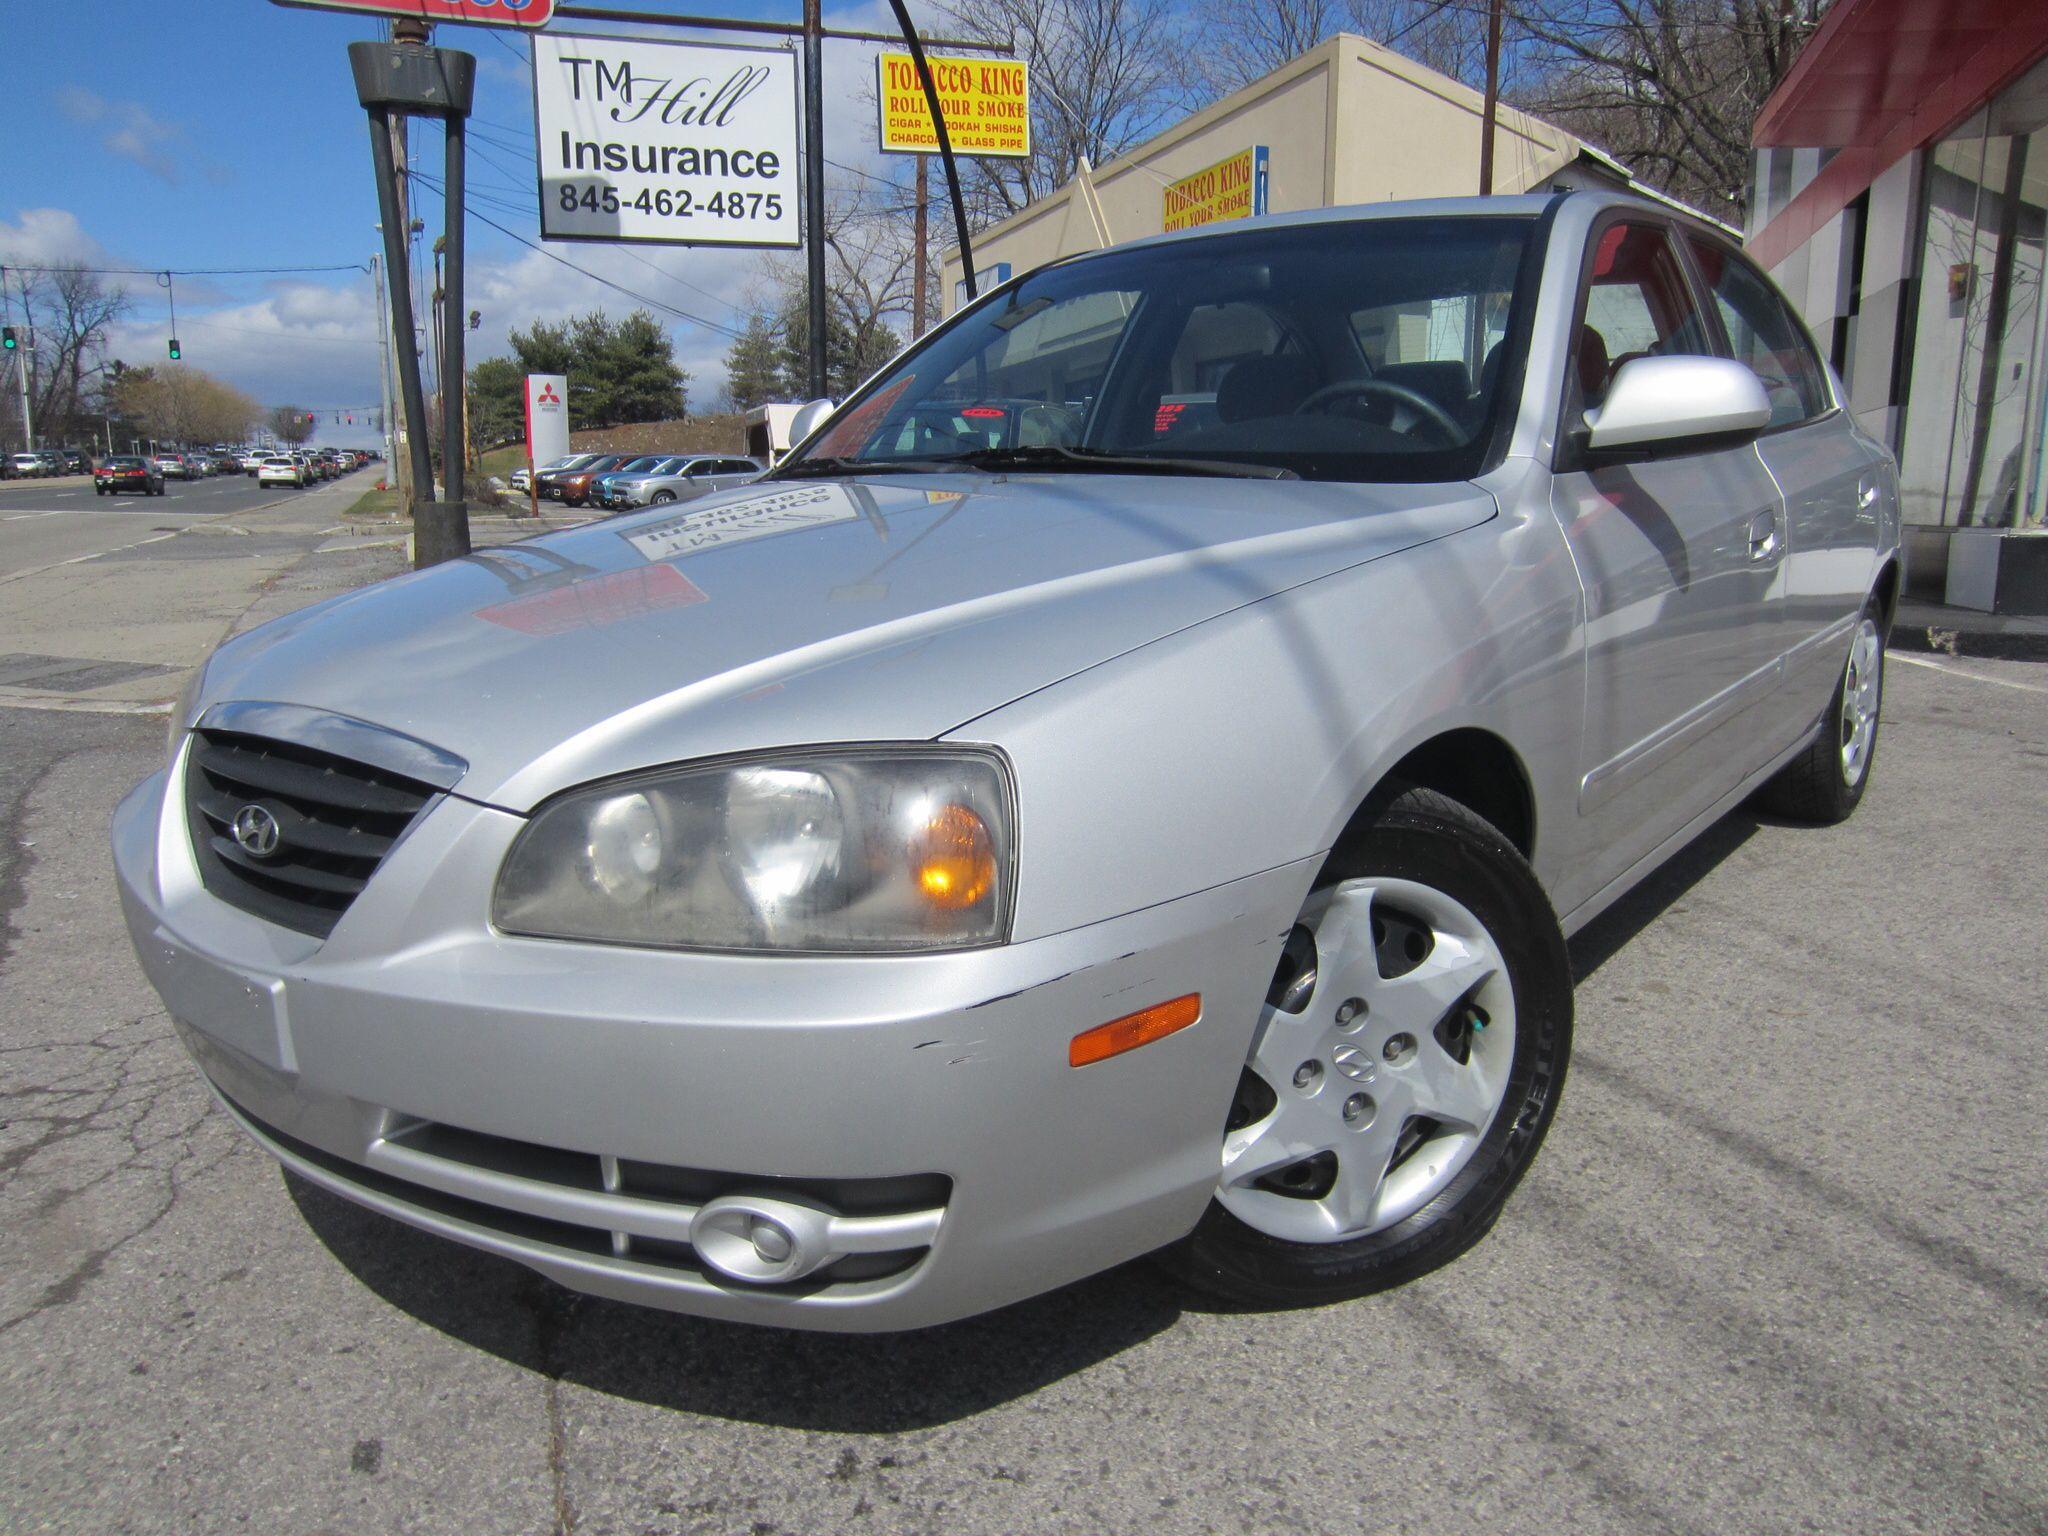 2004 Hyundai Elantra Hyundai elantra, Honda civic, Elantra